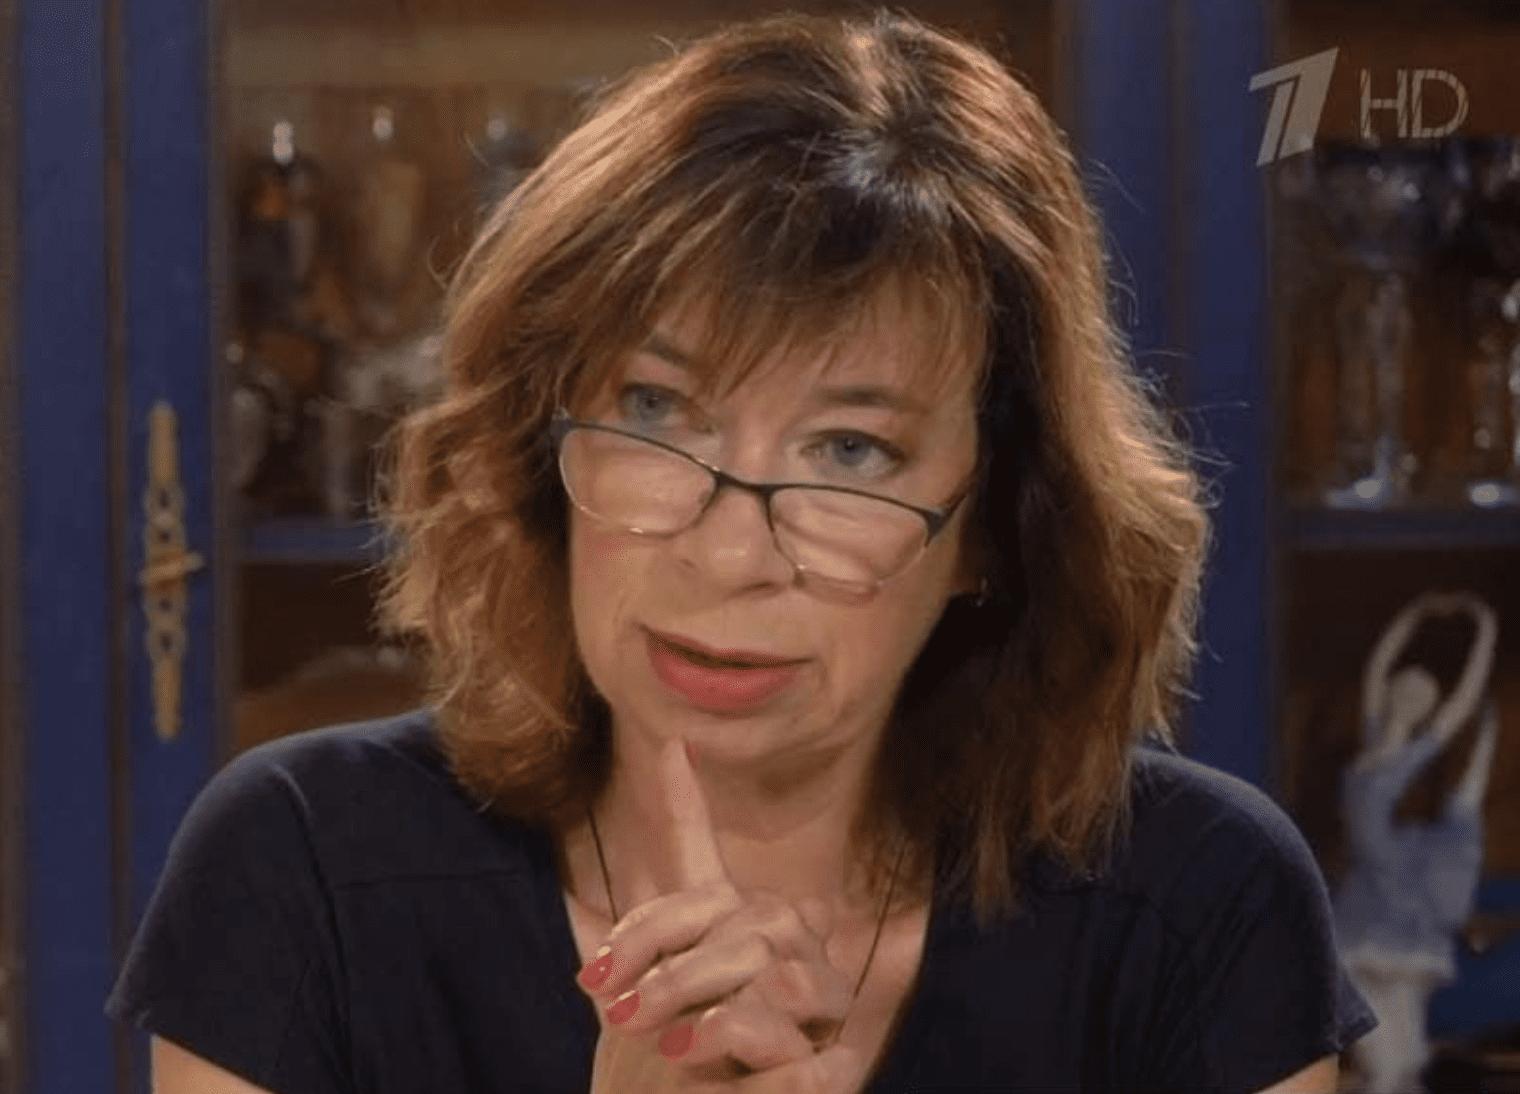 Надежда Баталова, 2018 г.